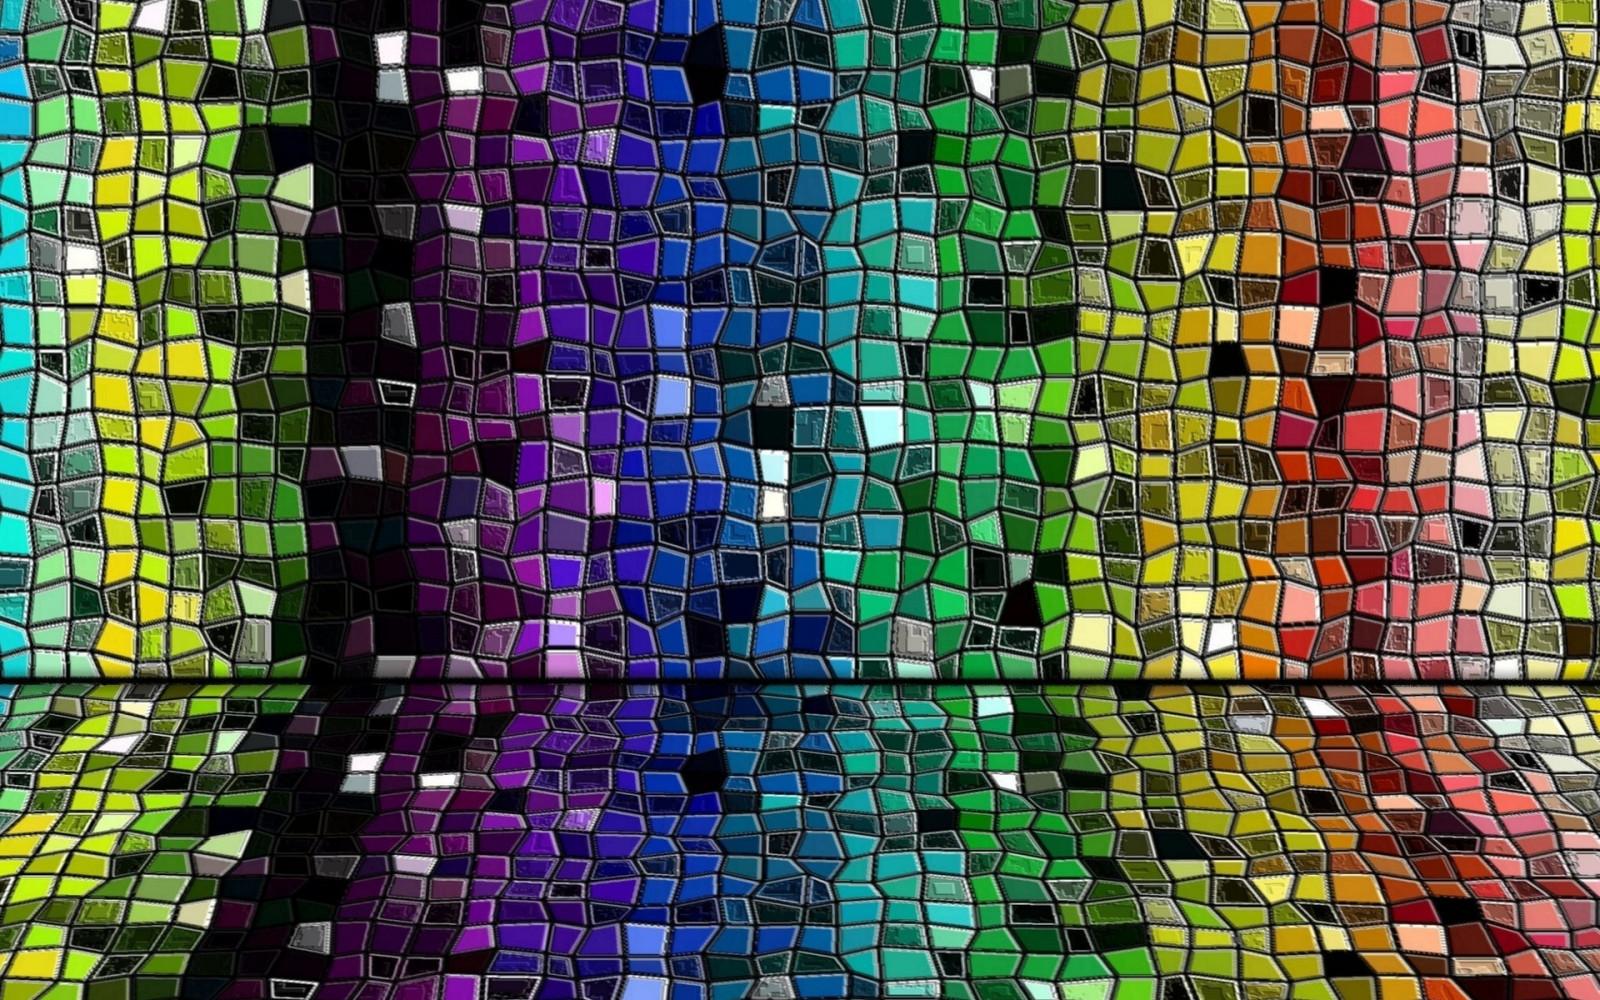 данного мозаика разная картинки наряд развеселит вашего